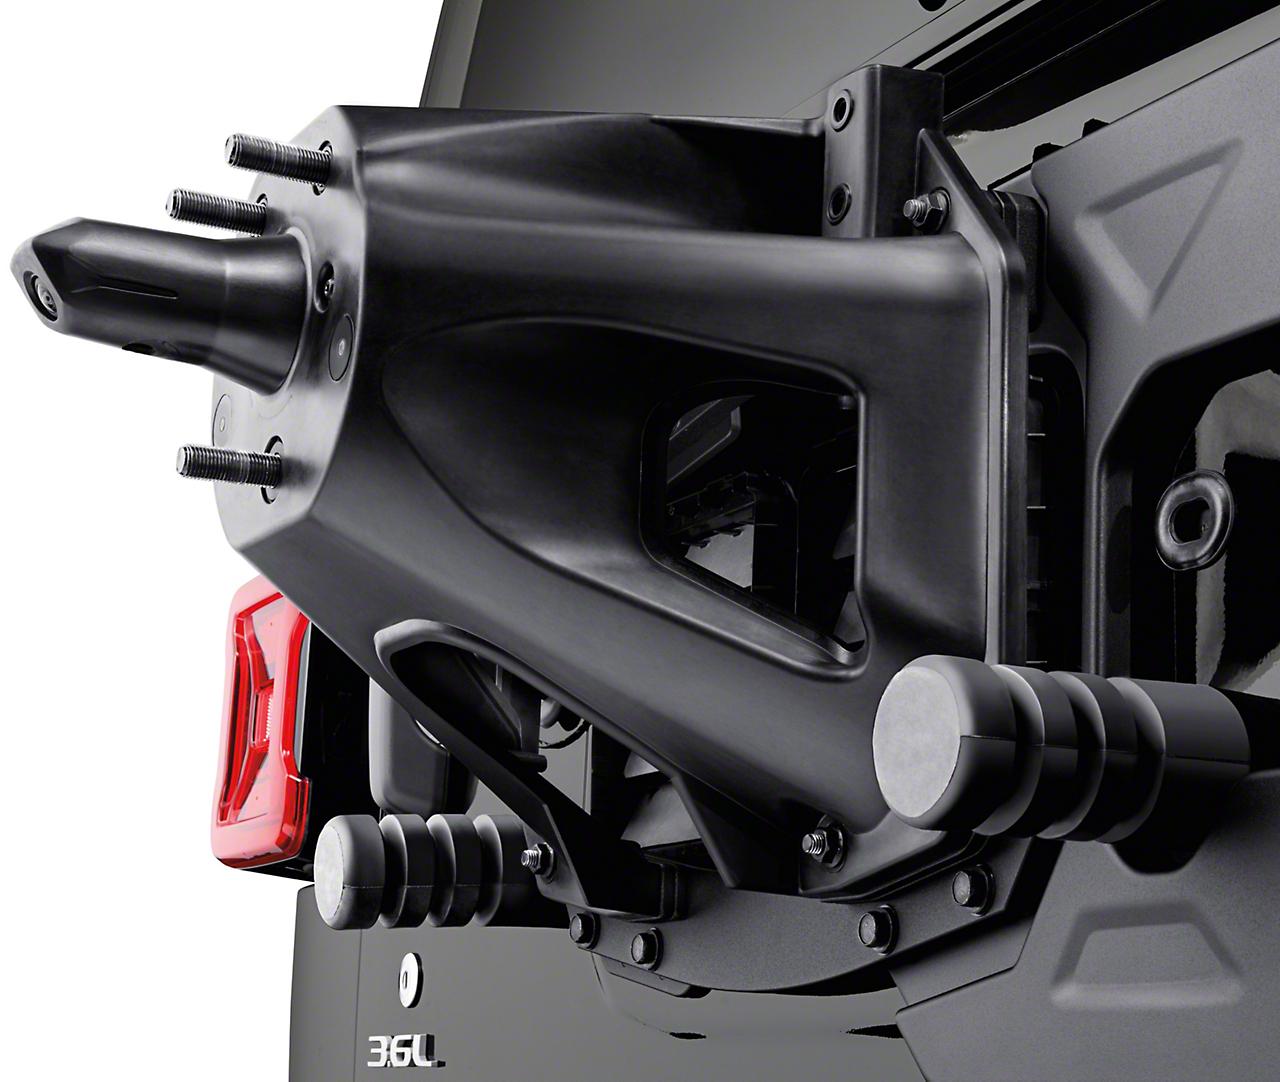 Mopar Oversize Spare Tire Carrier Mounting Bracket Kit (2018 Wrangler JL)